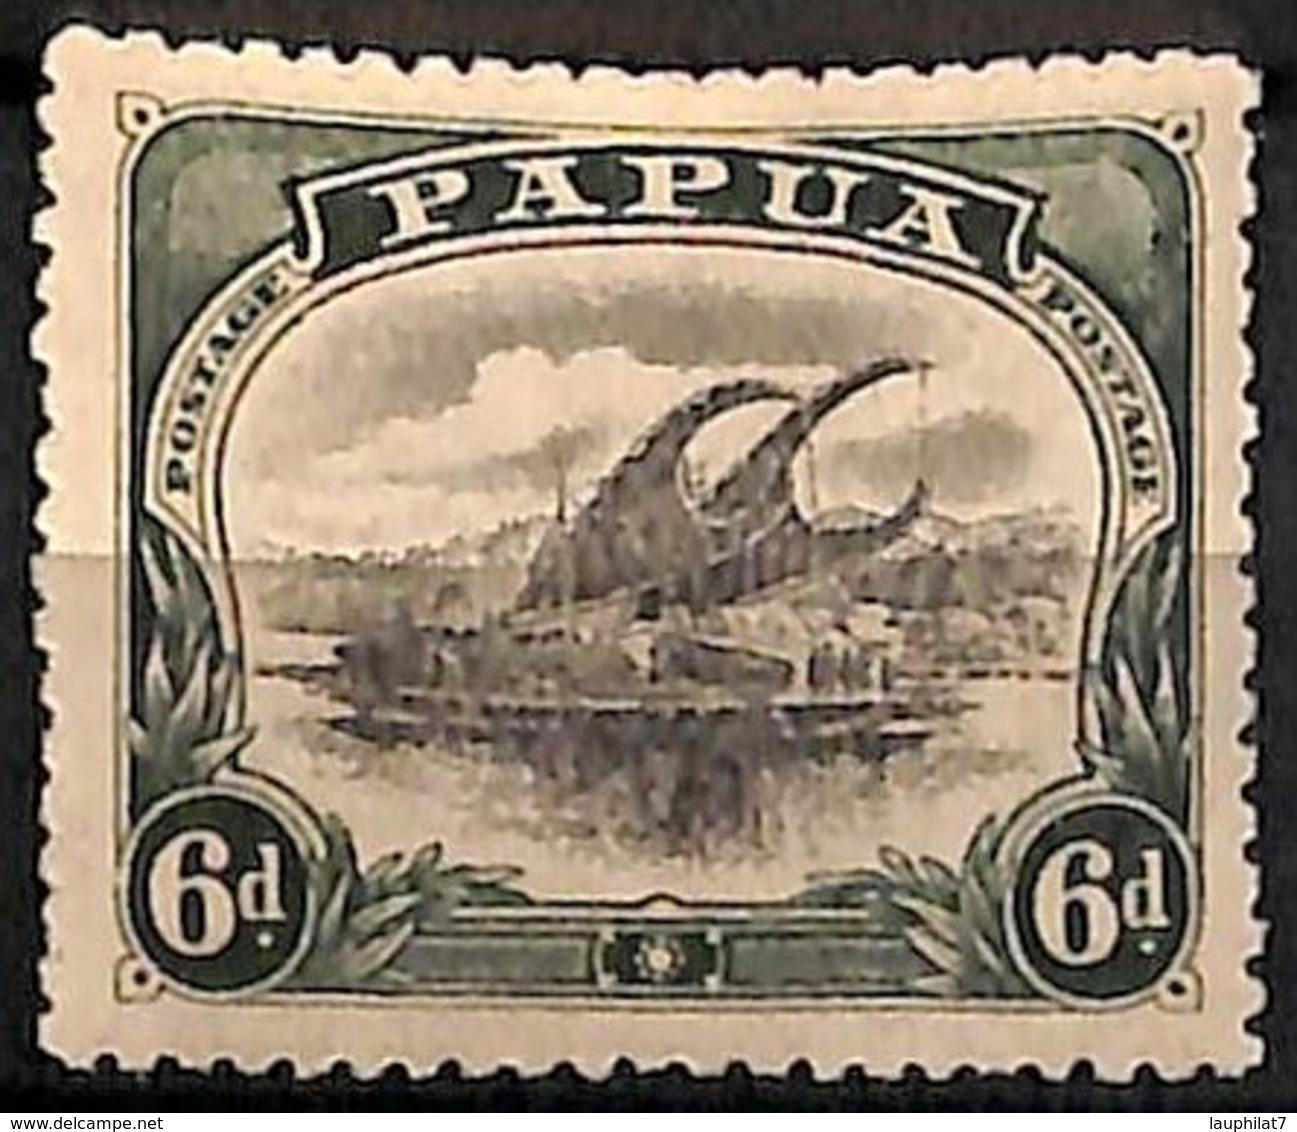 [829598]Papouasie 1910 - N° 45, 6p Vert Et Noir, Lakatoi Sur La Rivière Mambara, Bateau - Papouasie-Nouvelle-Guinée